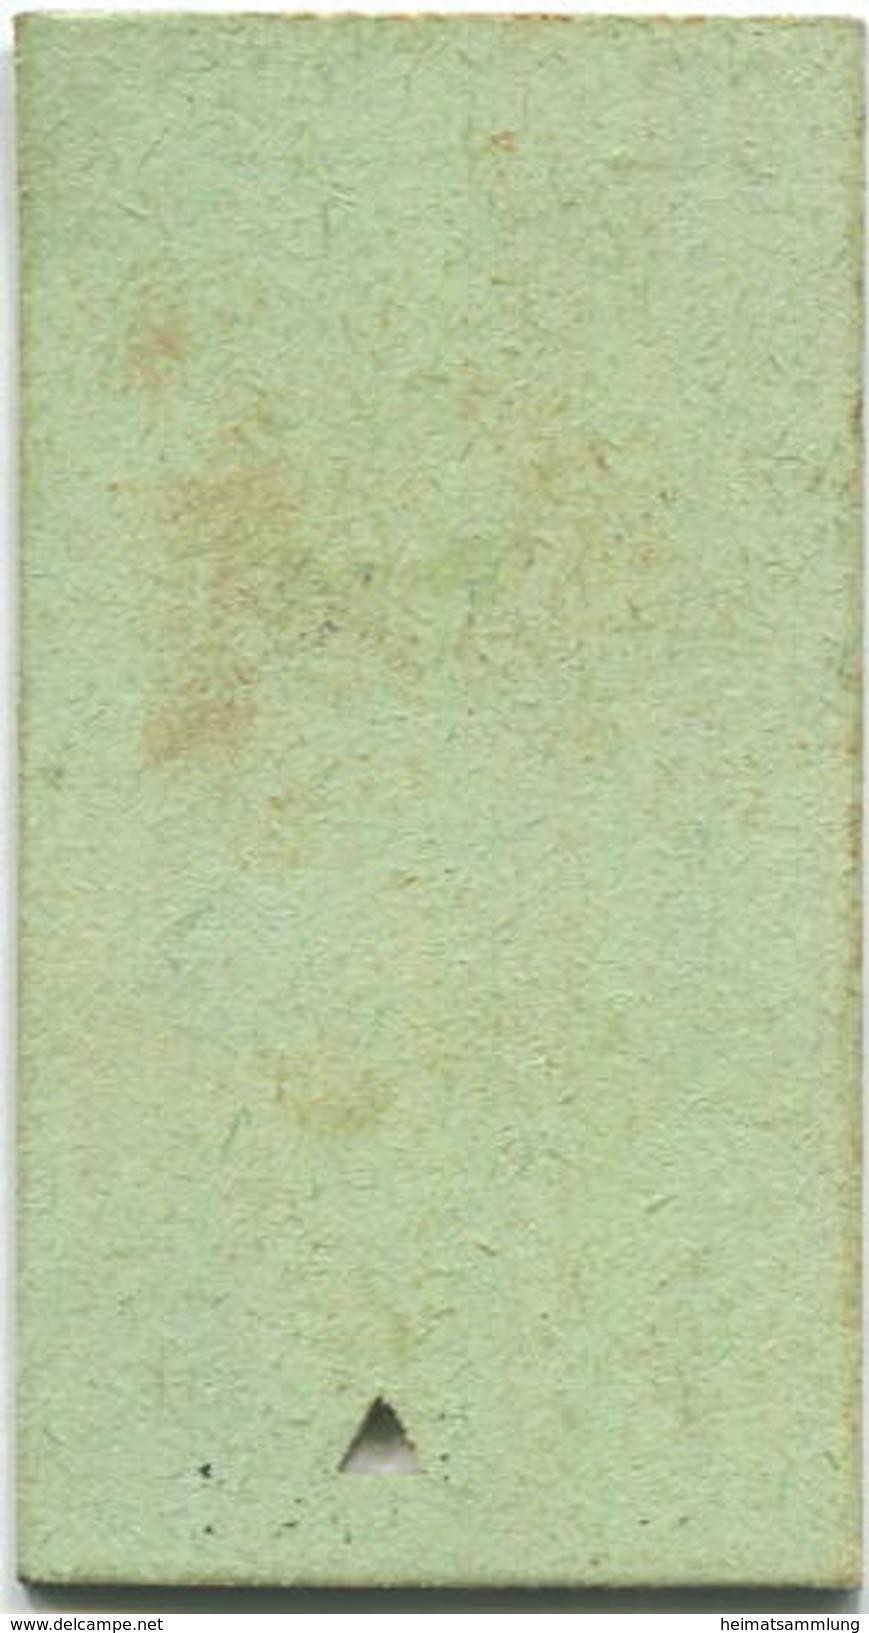 Schweiz - Beamtenbillet - Embrach-Rorbas Bülach - Fahrkarte 1. KL. 1959 - Schiffstickets